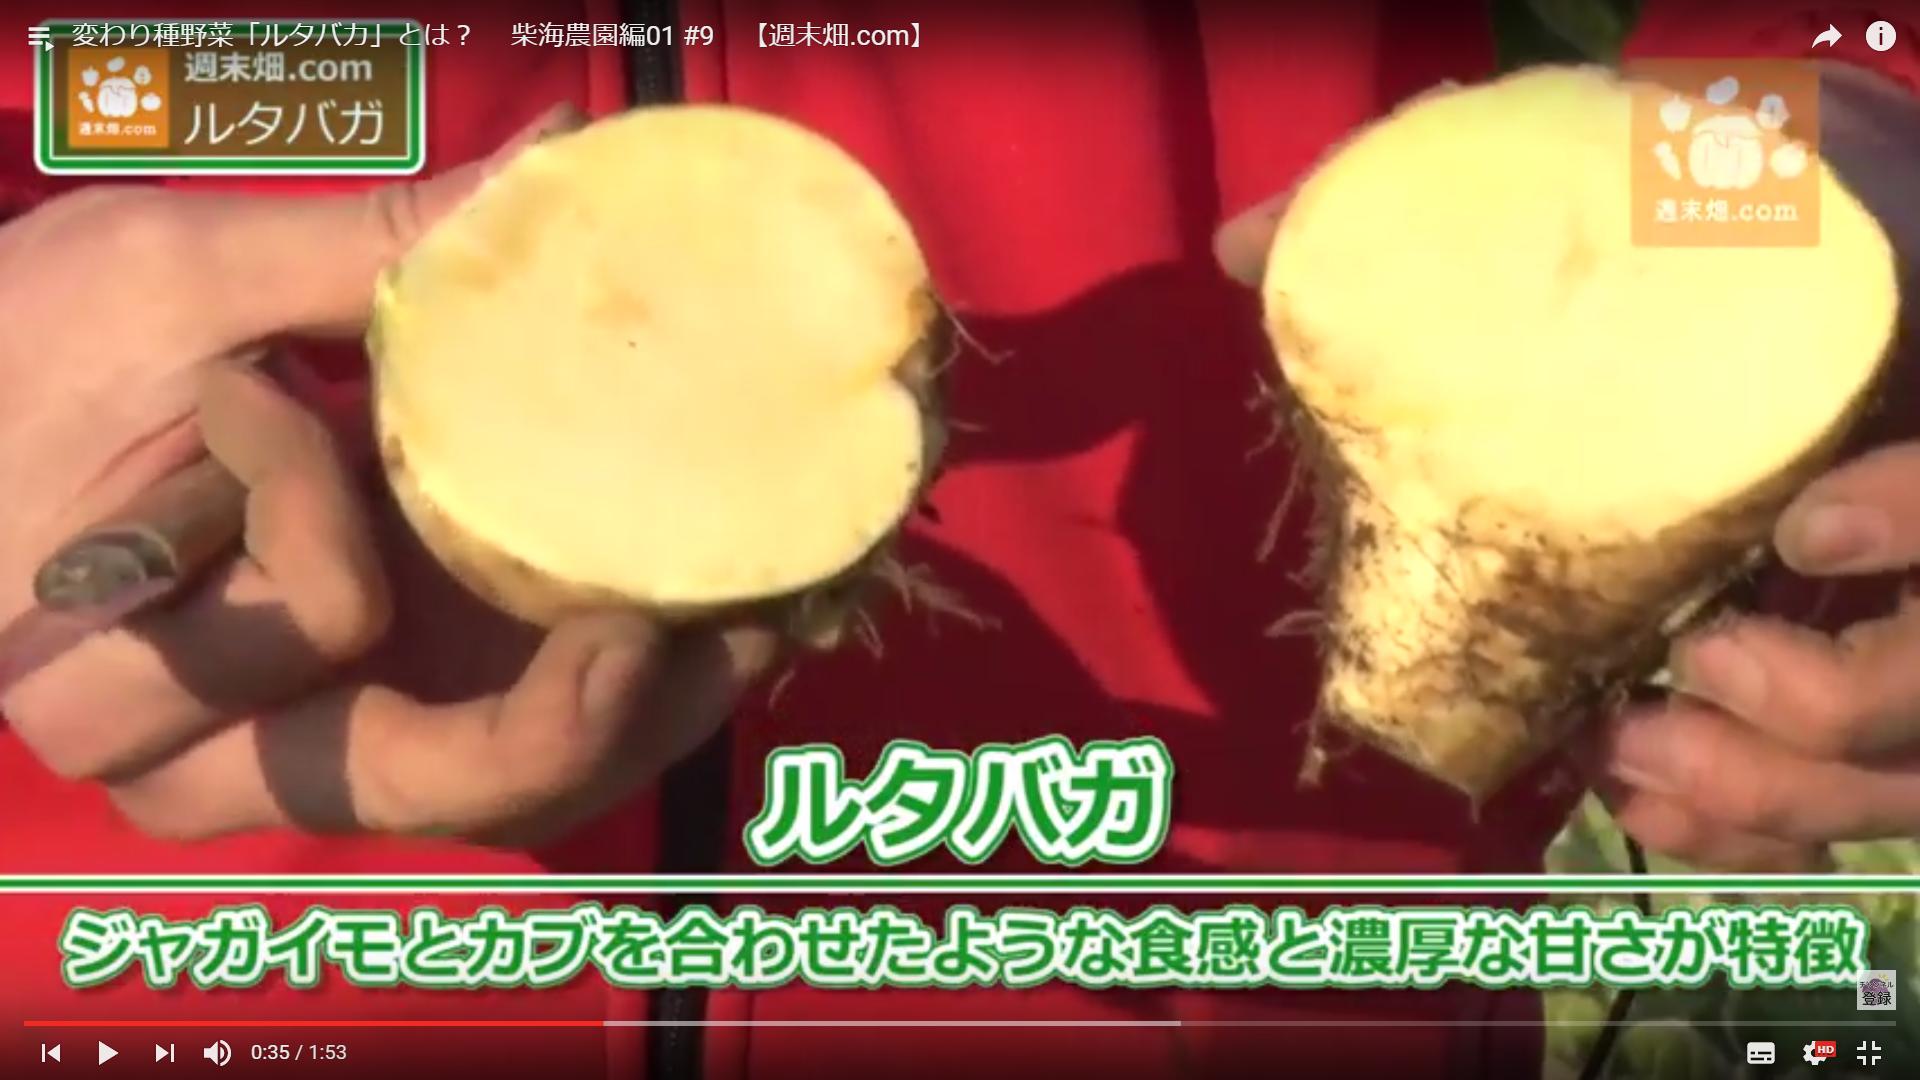 日本では珍しい不思議なカブ